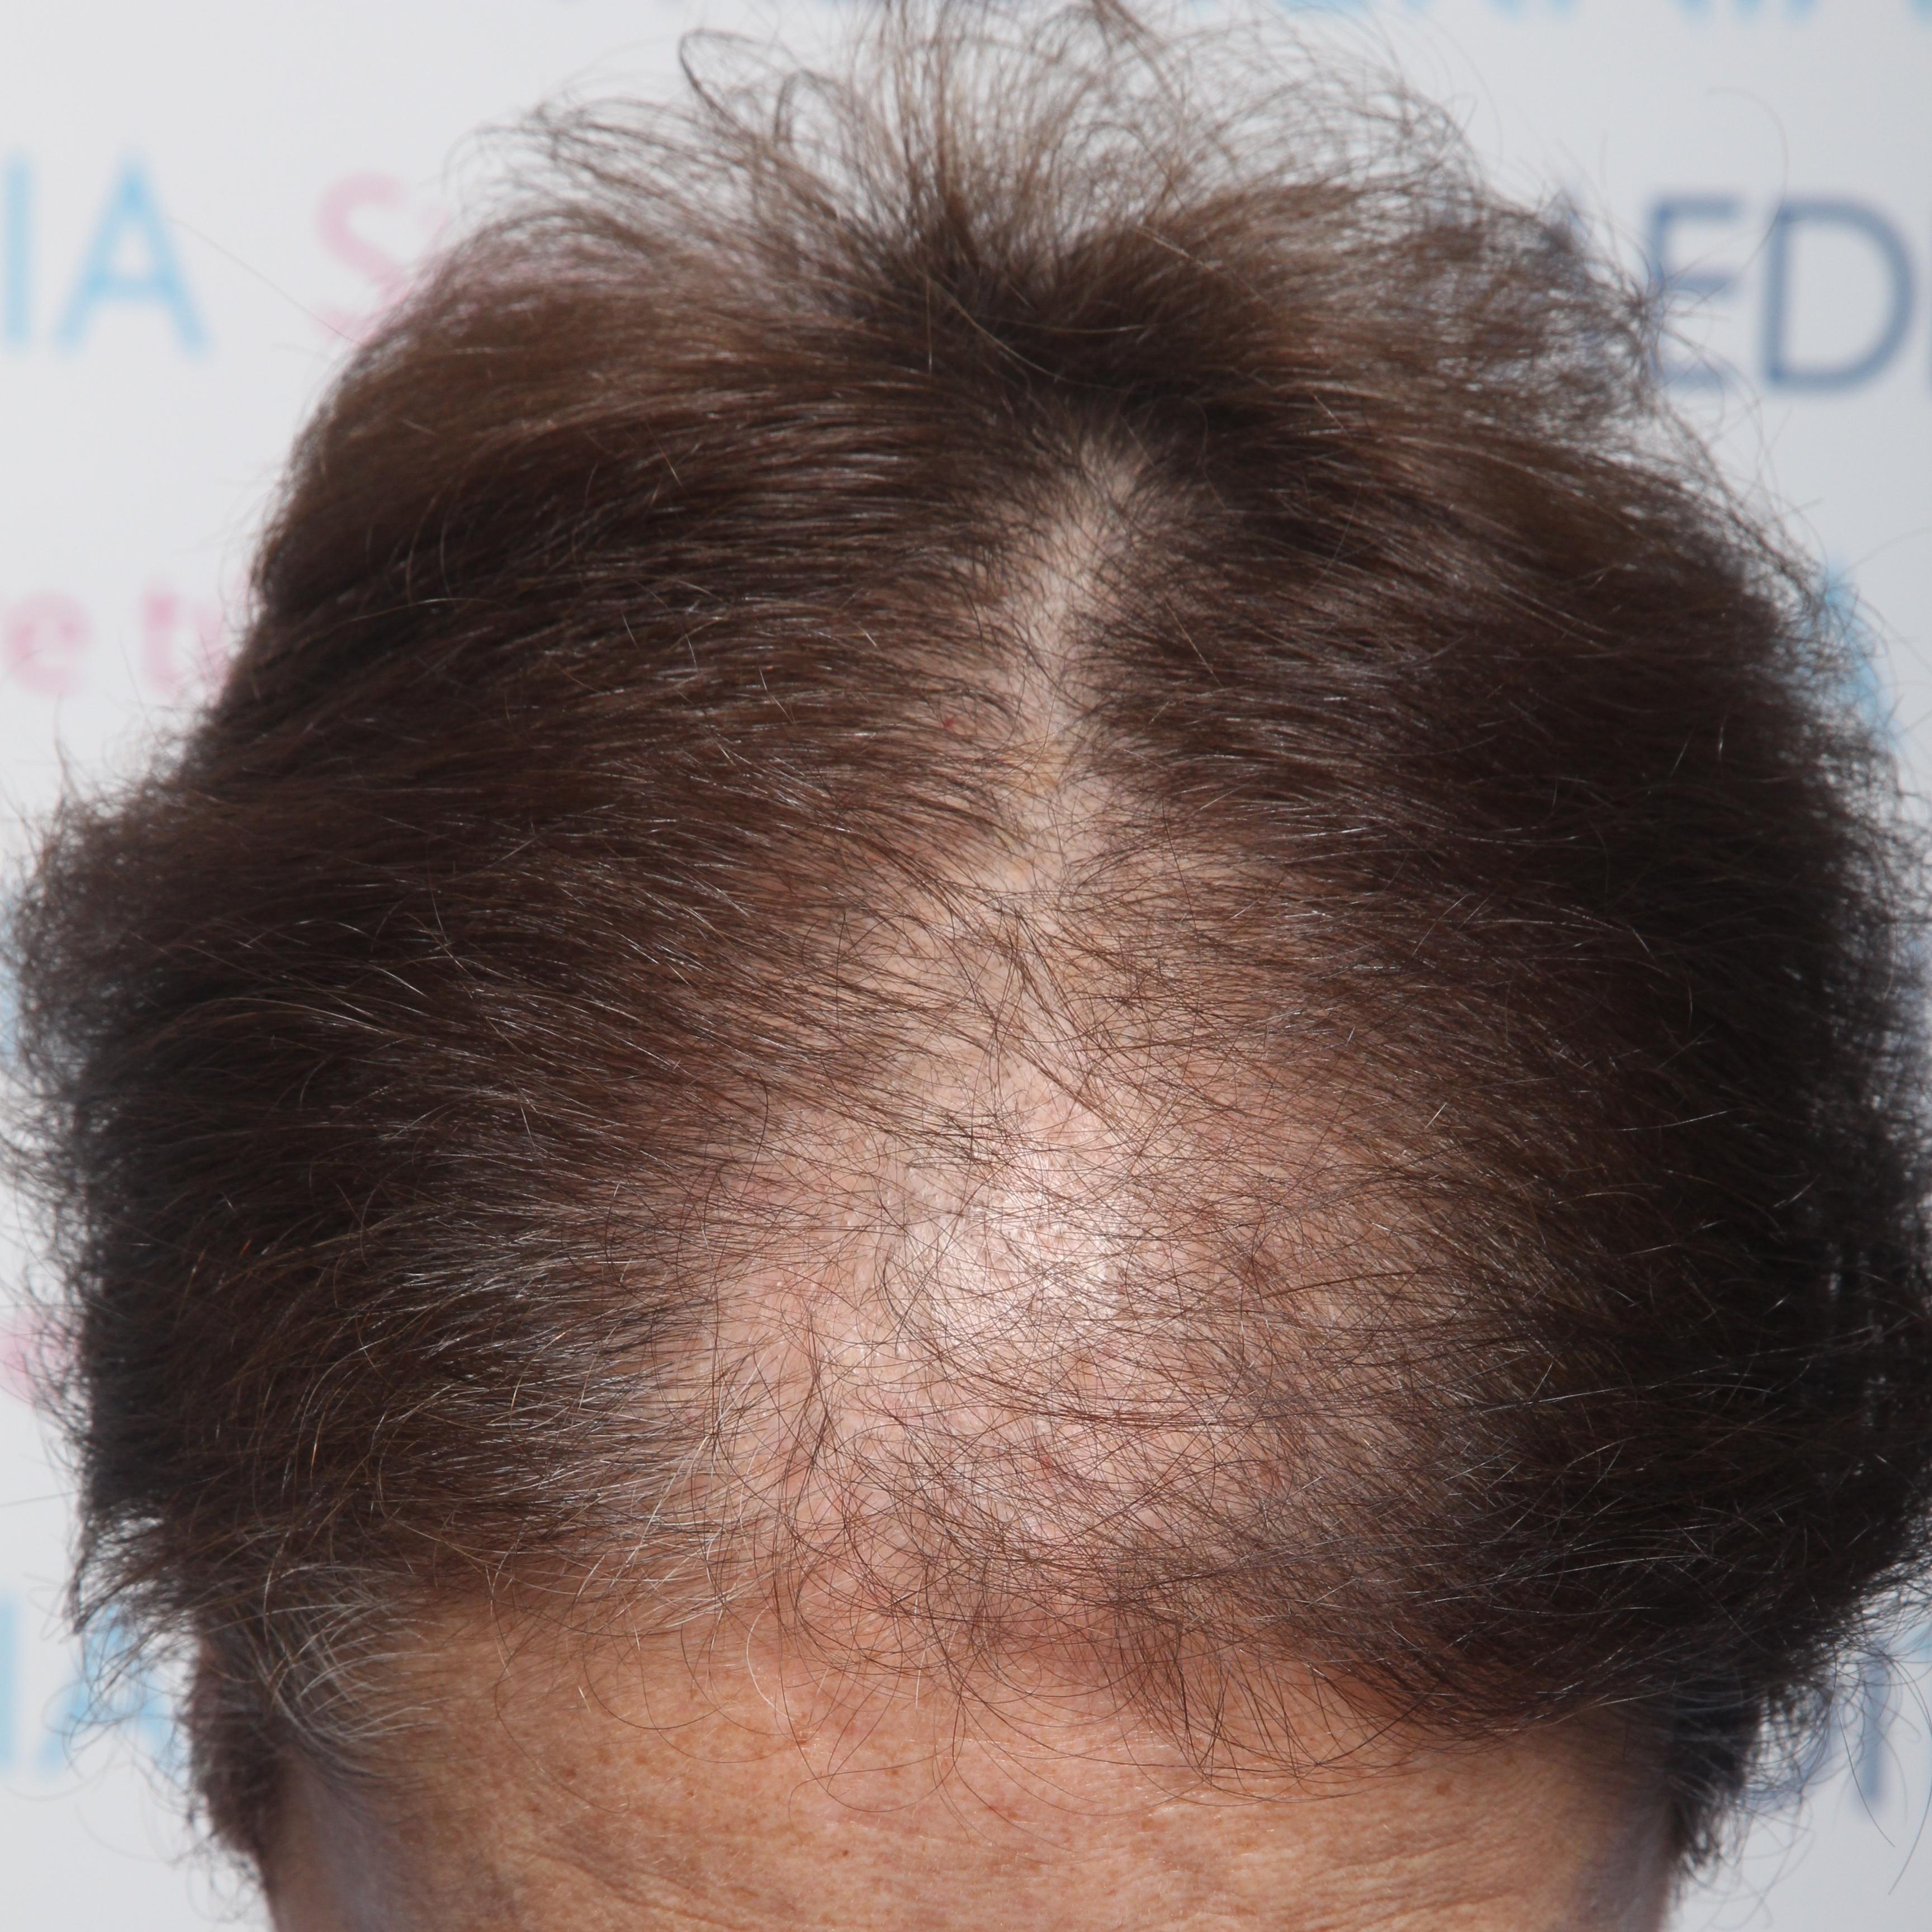 Antes Alopecia androgenetica femenina con clareas en zona frontal central